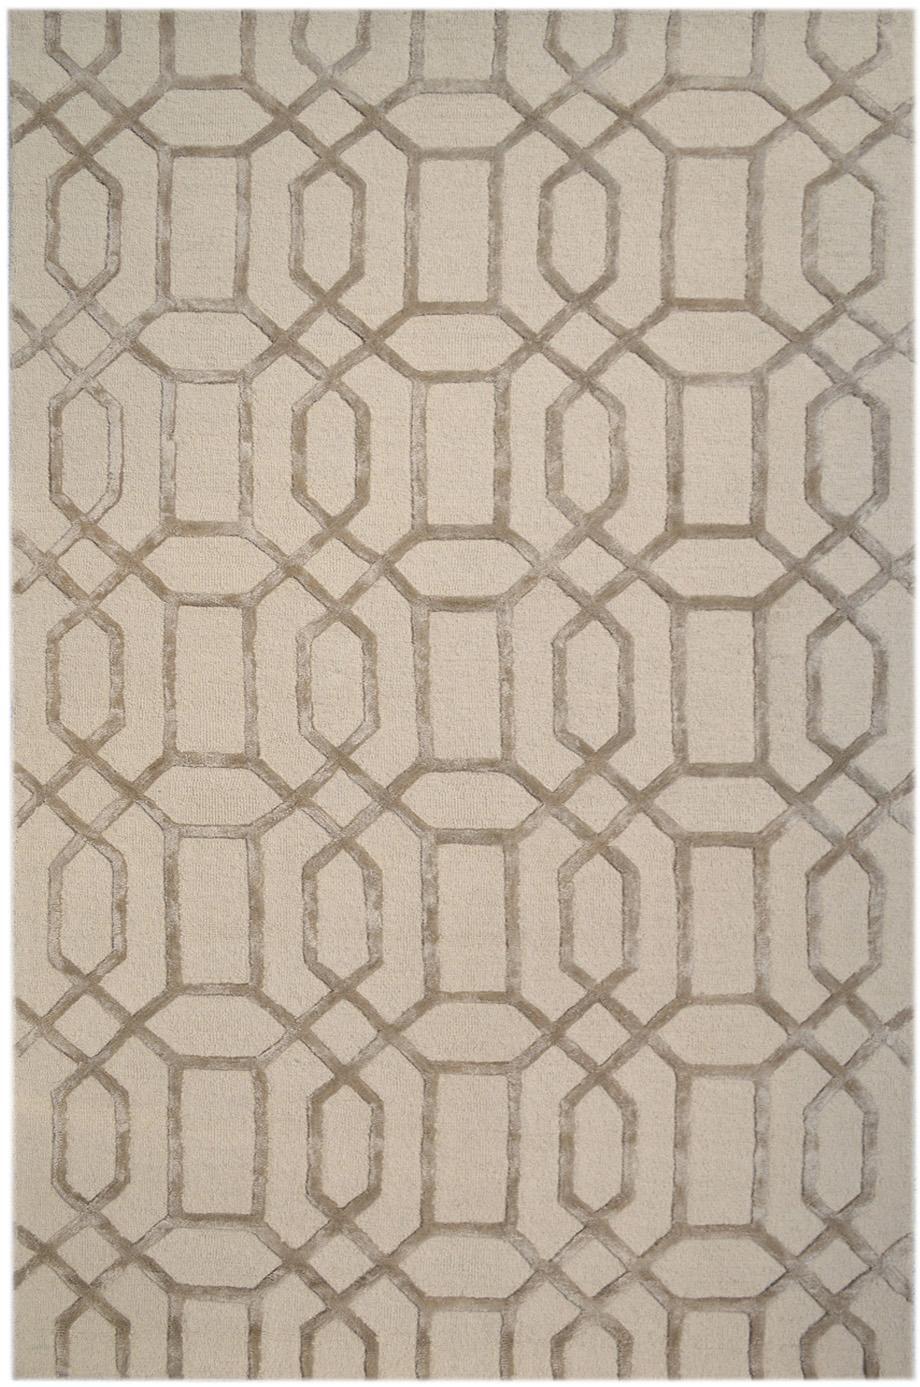 Handgetufteter Wollteppich Vegas mit Hoch-Tief-Effekt, Flor: 80% Wolle, 20% Viskose, Beige, Creme, B 200 x L 300 cm (Größe L)